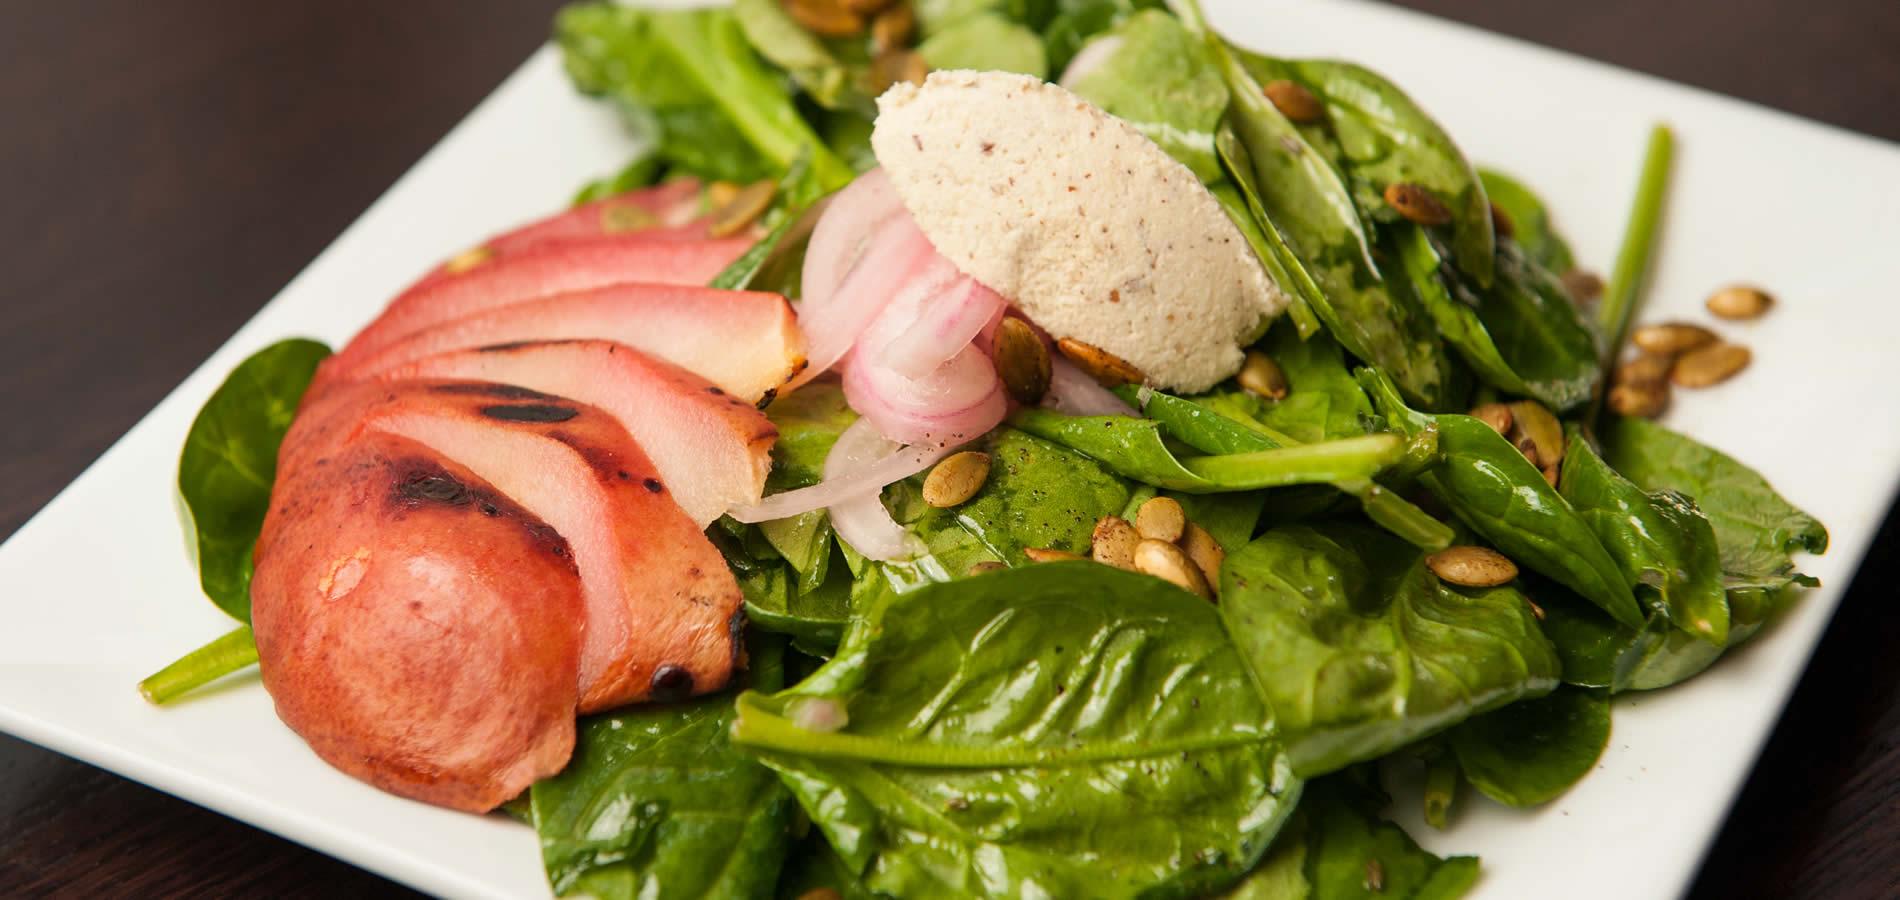 mendocino ravens restaurant peach salad